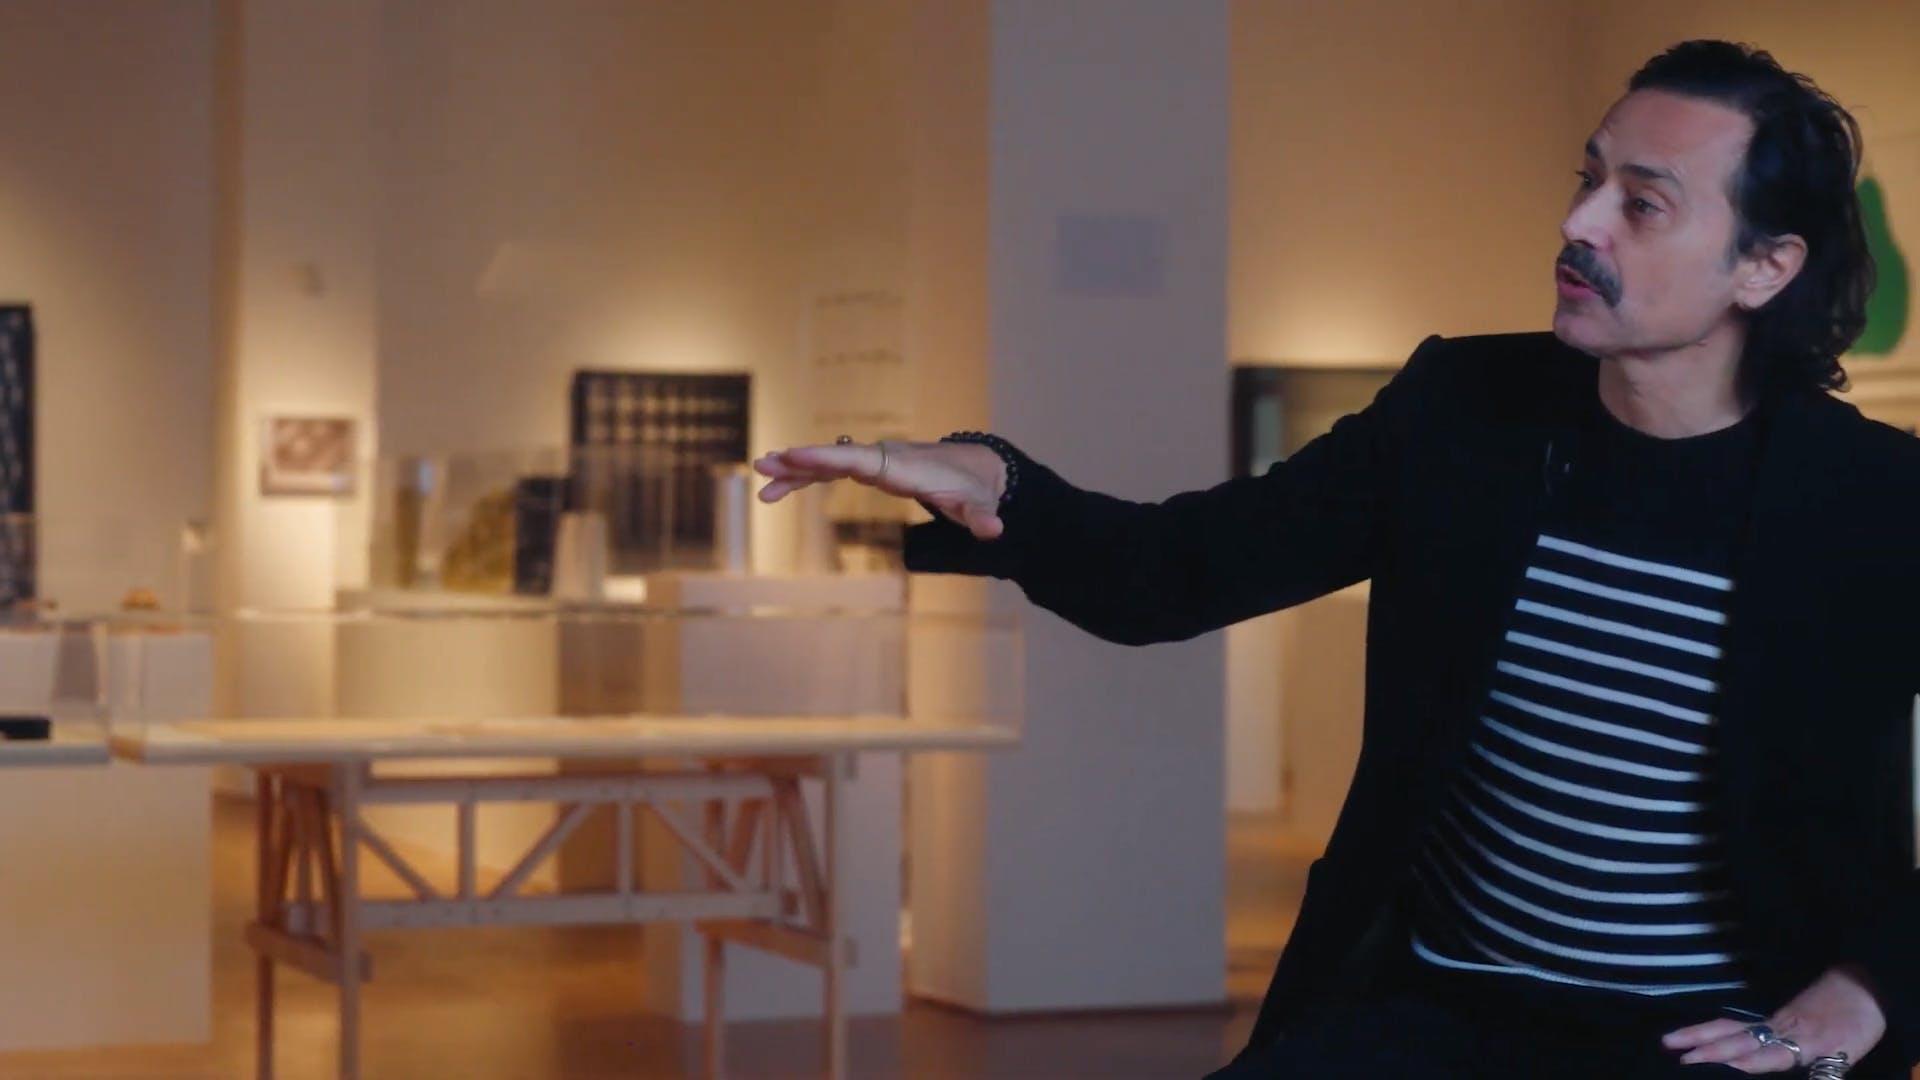 Fermo immagine da As seen by – Ep. 3 – Fabio Novembre, regia di Jacopo Farina